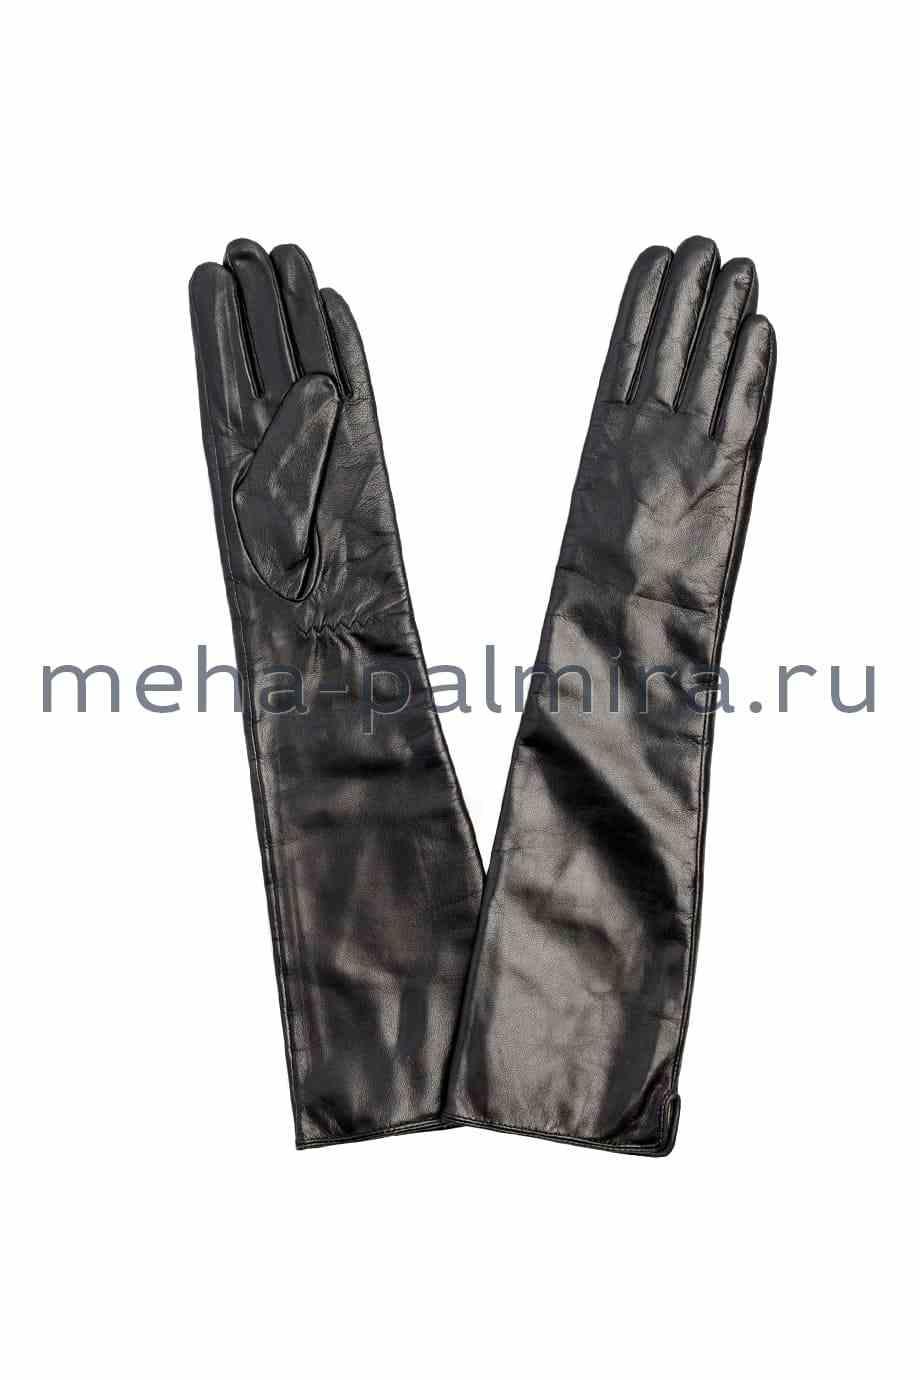 Зимние кожаные перчатки длинные (высокие)